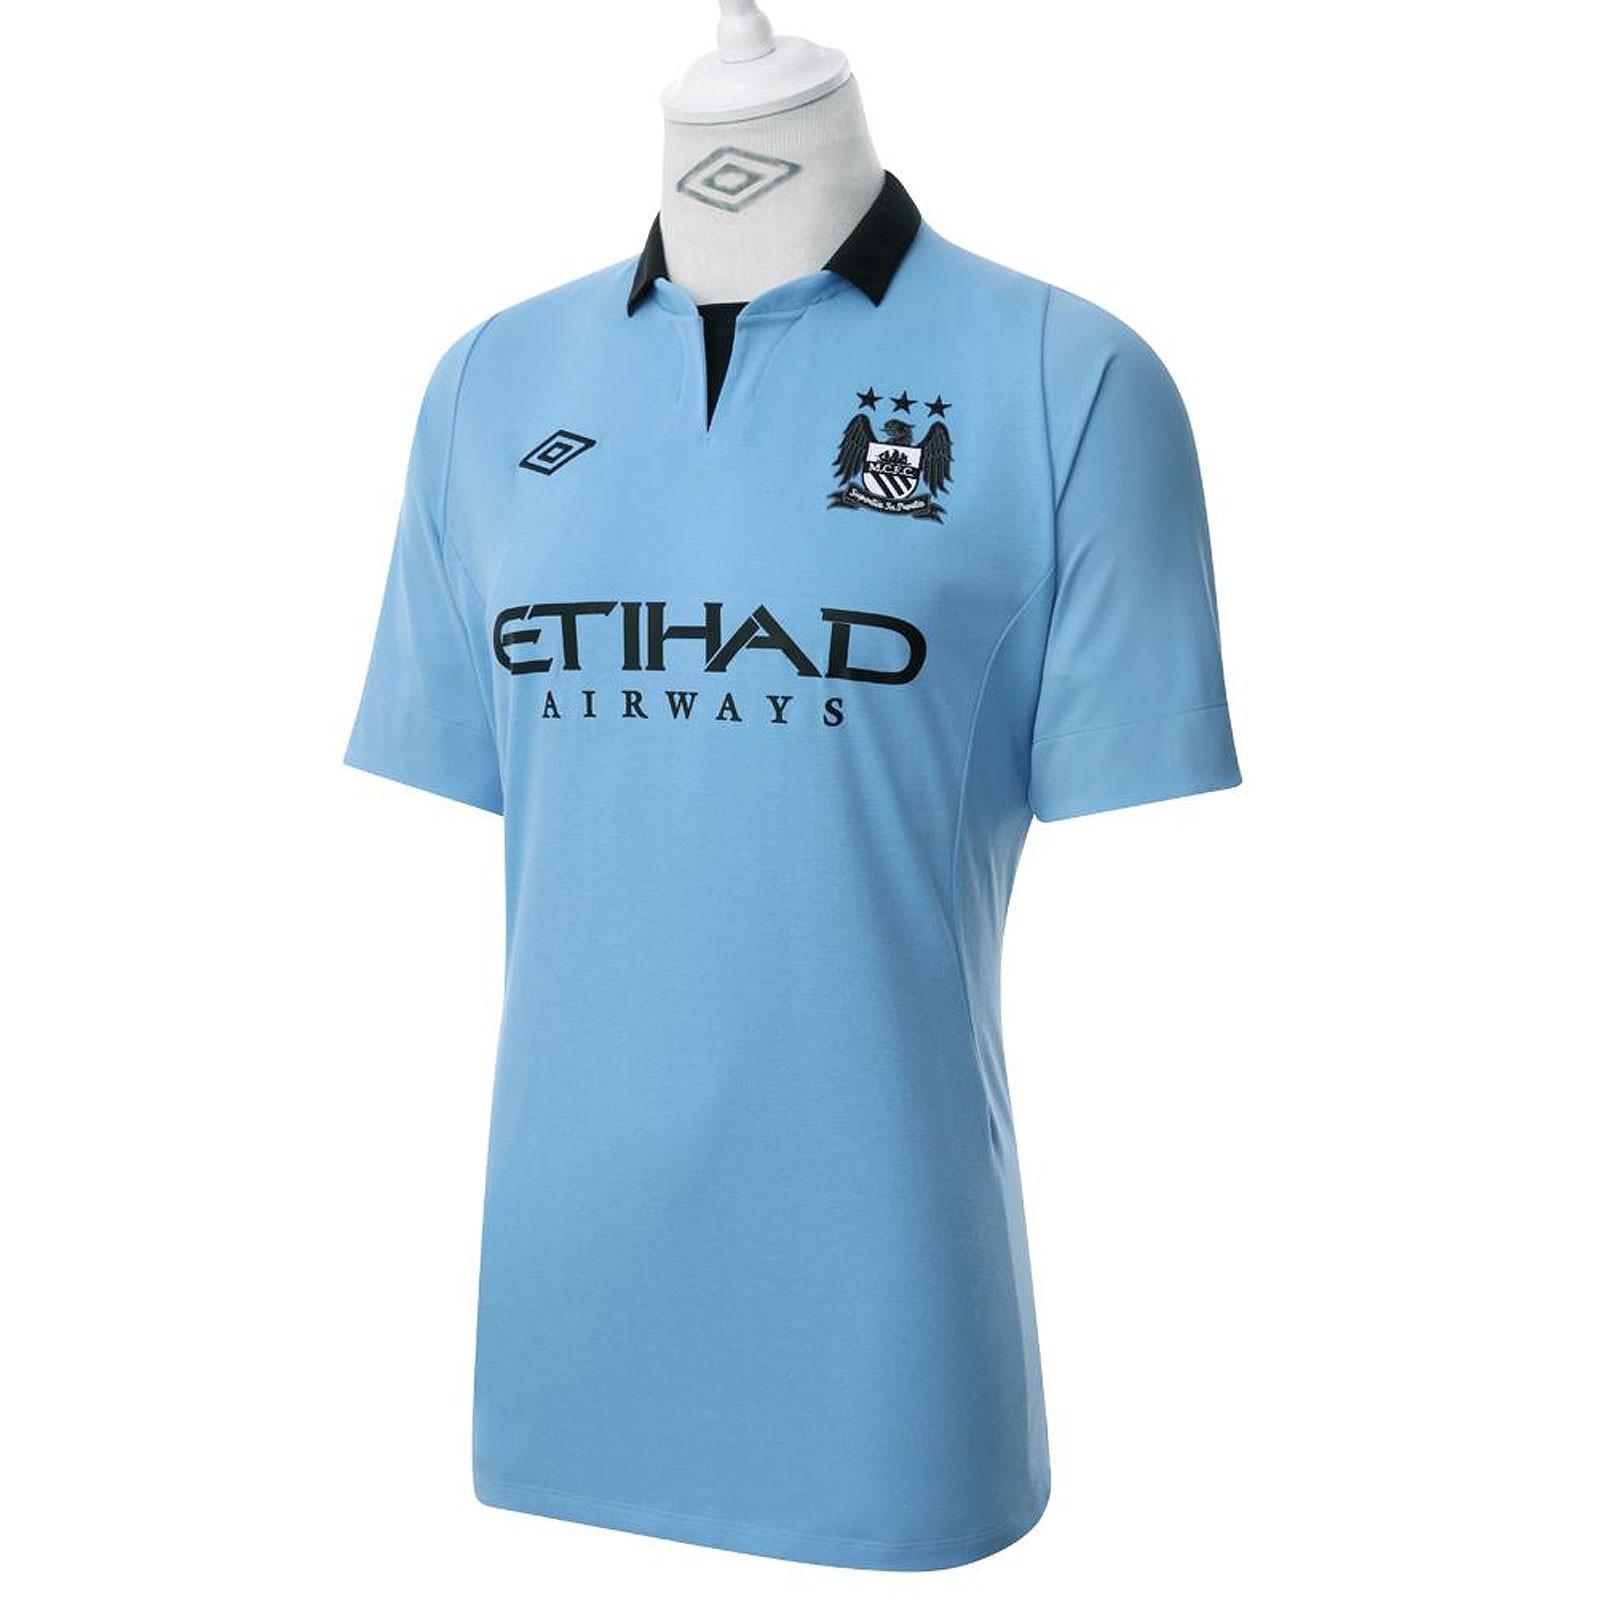 曼彻斯特城2012/13赛季主场球衣